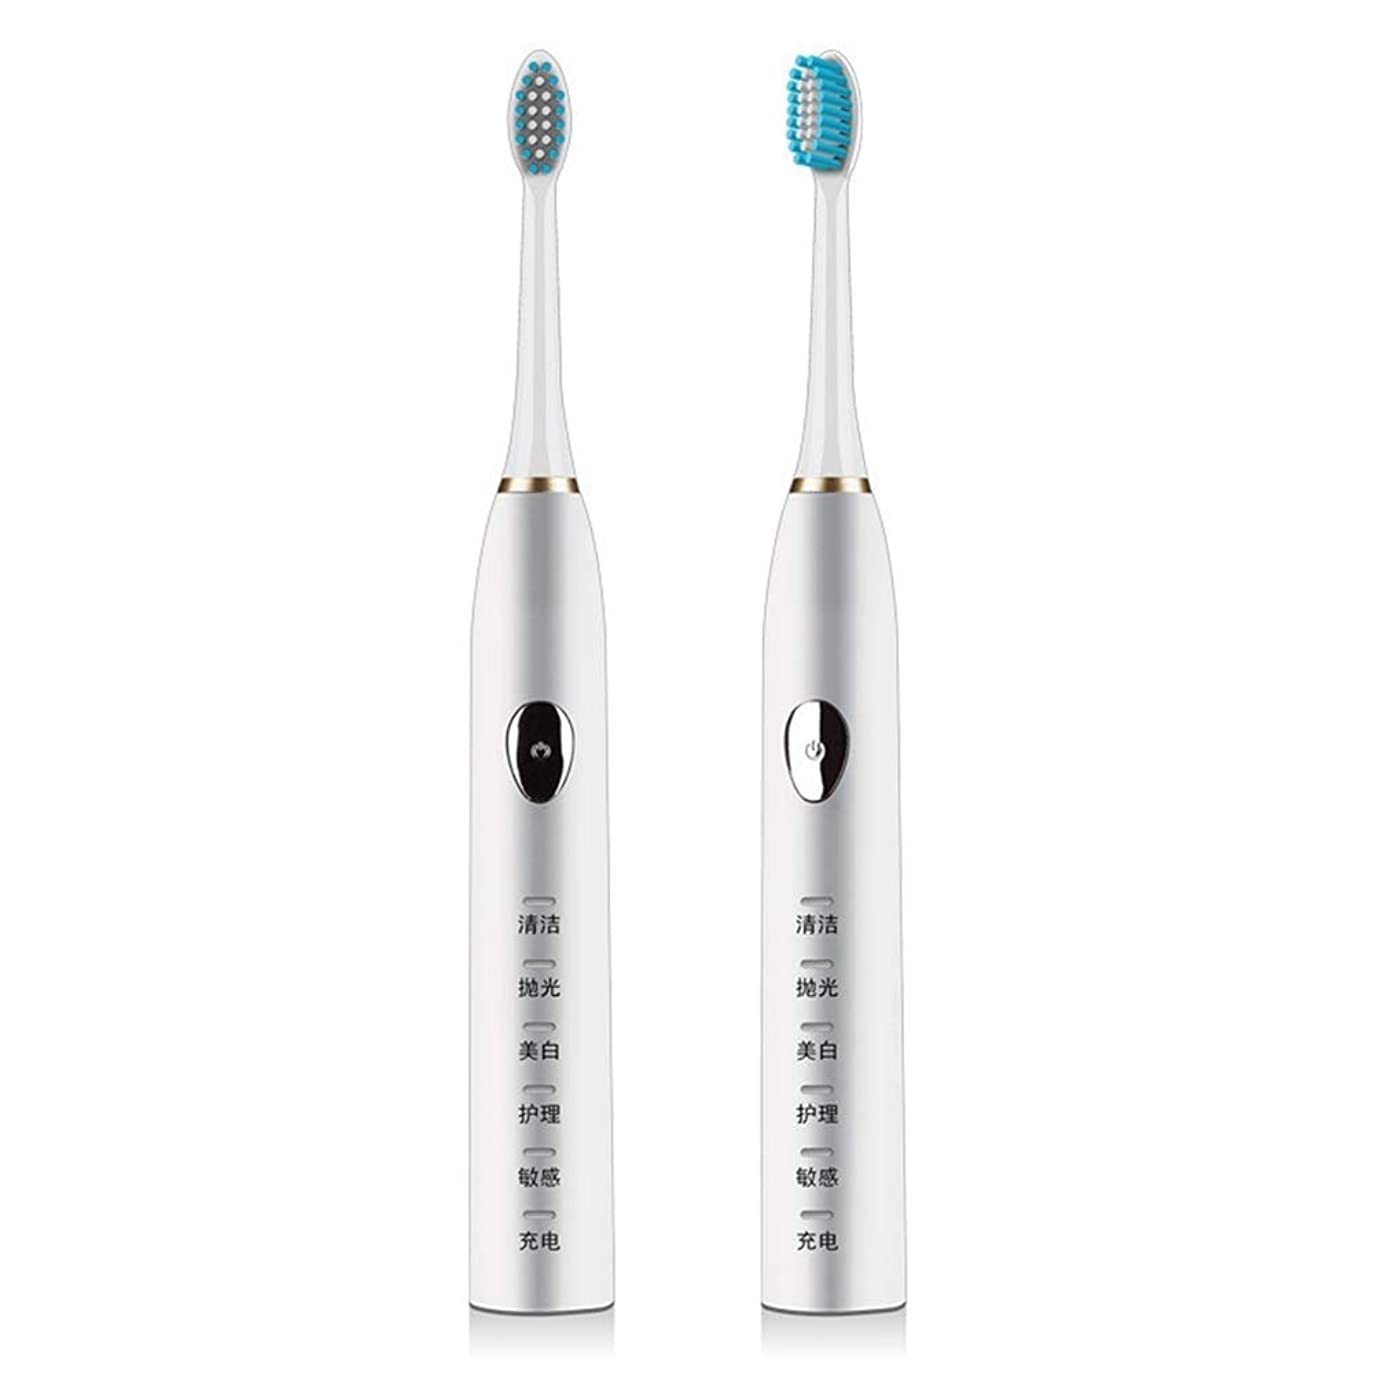 頼るリビジョン形成LKJASDHL 電動歯ブラシ磁気サスペンション5速超音波歯ブラシ柔らかい髪誘導充電防水大人 (色 : White)